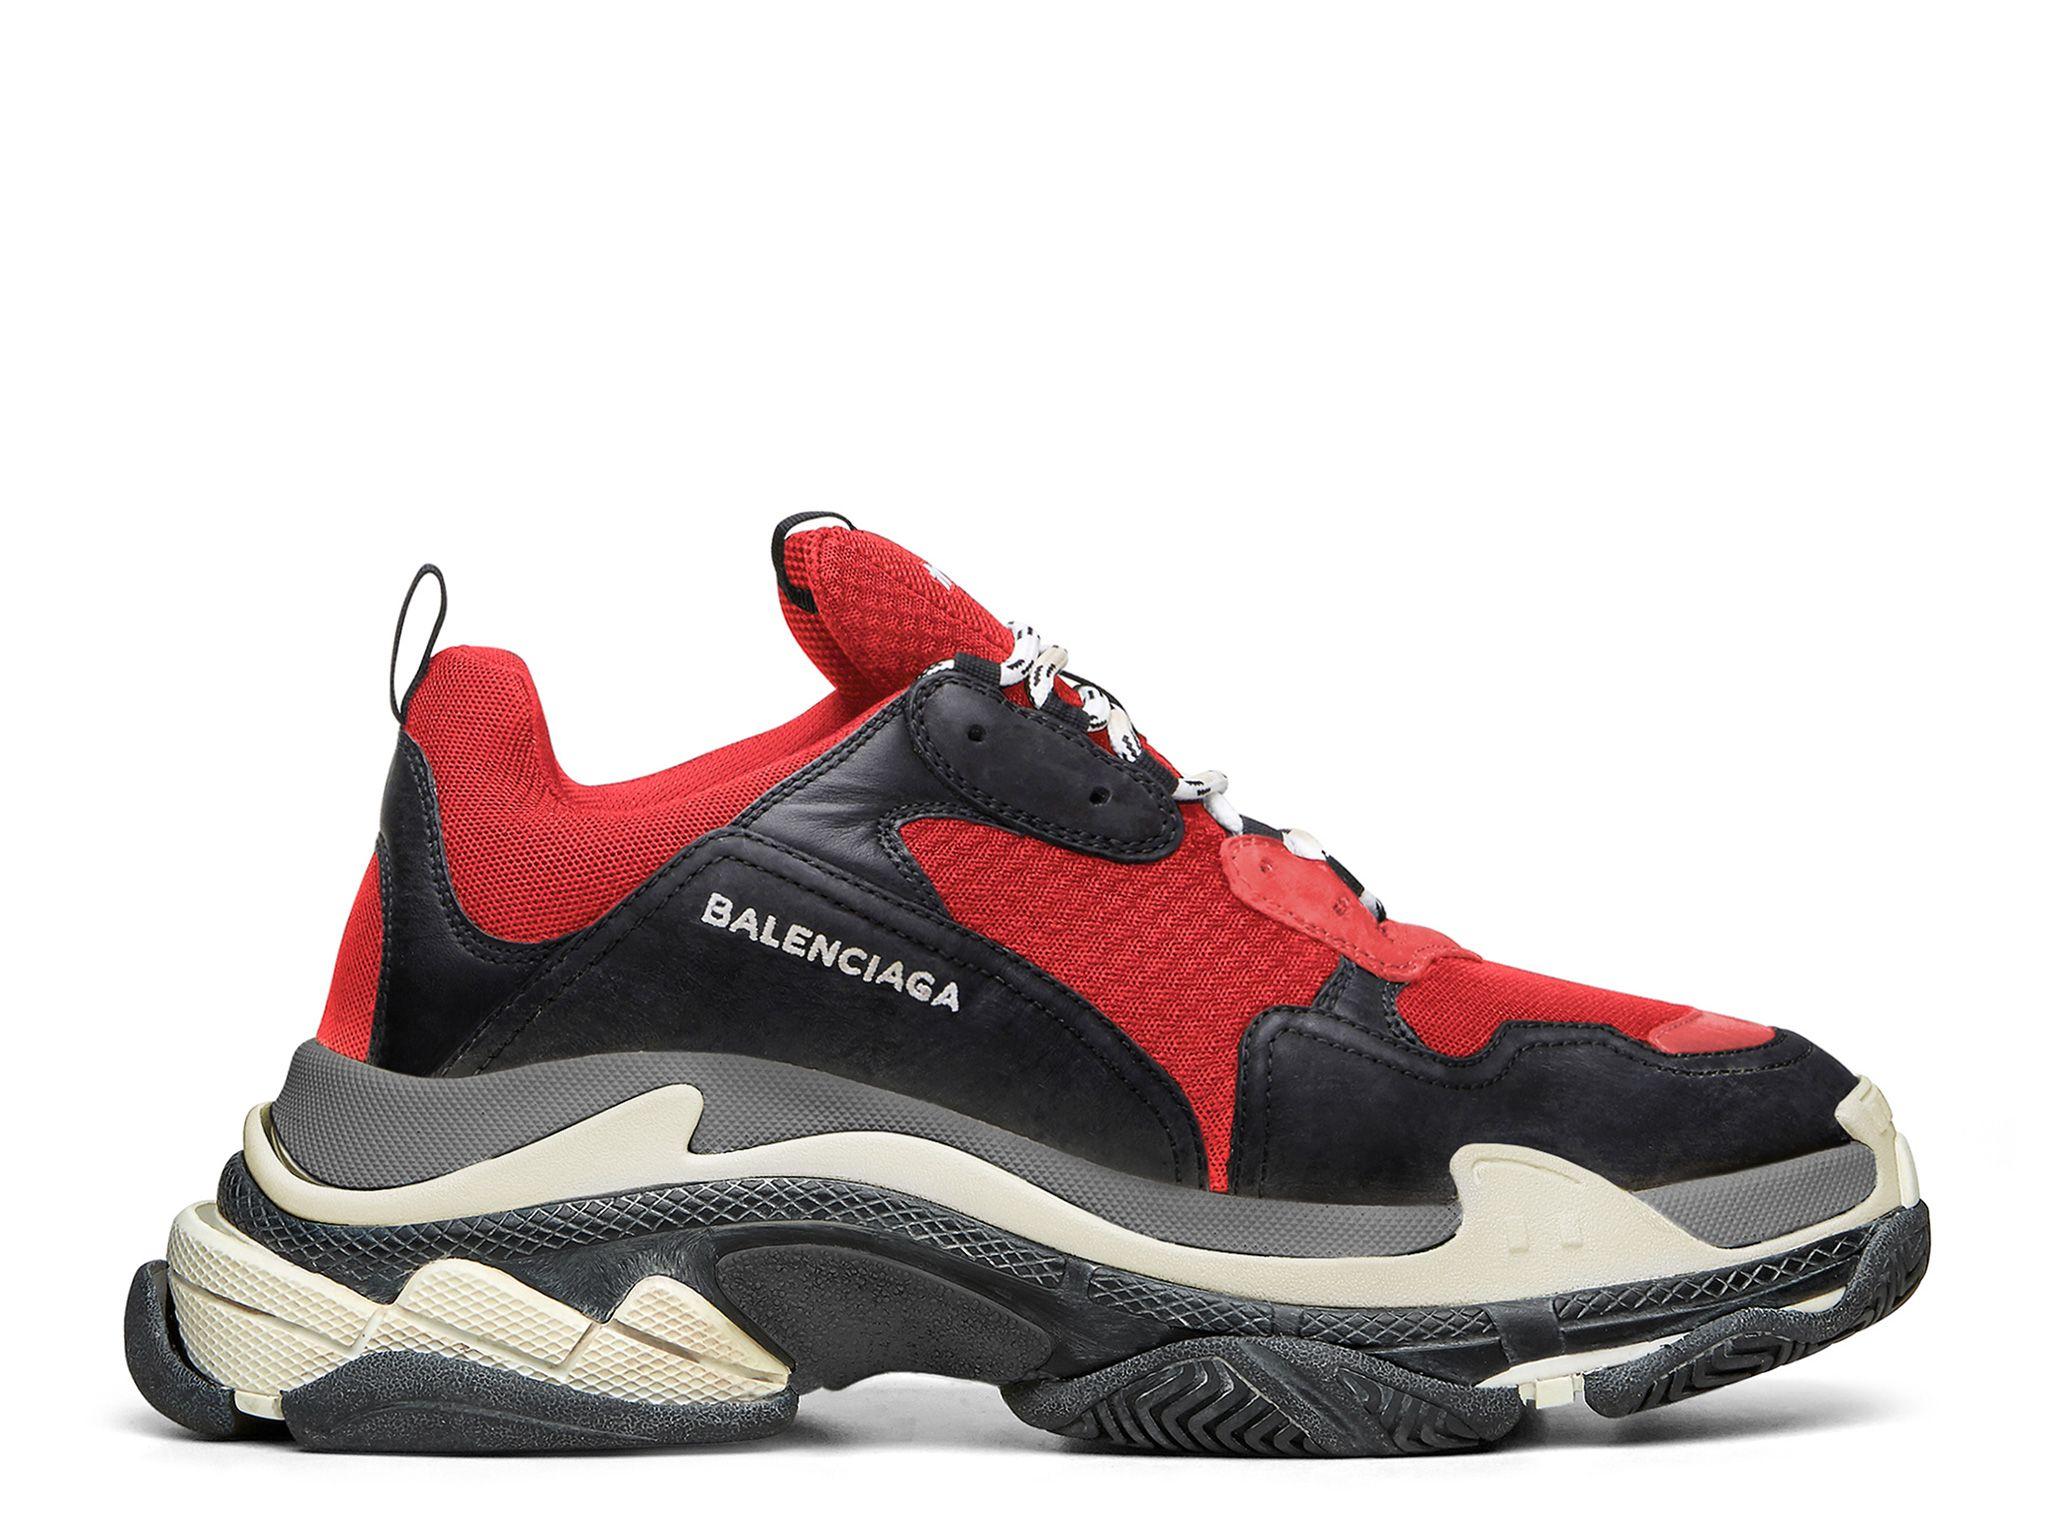 feadcc3a1e56 Balenciaga Mens Triple S - Sneakerboy